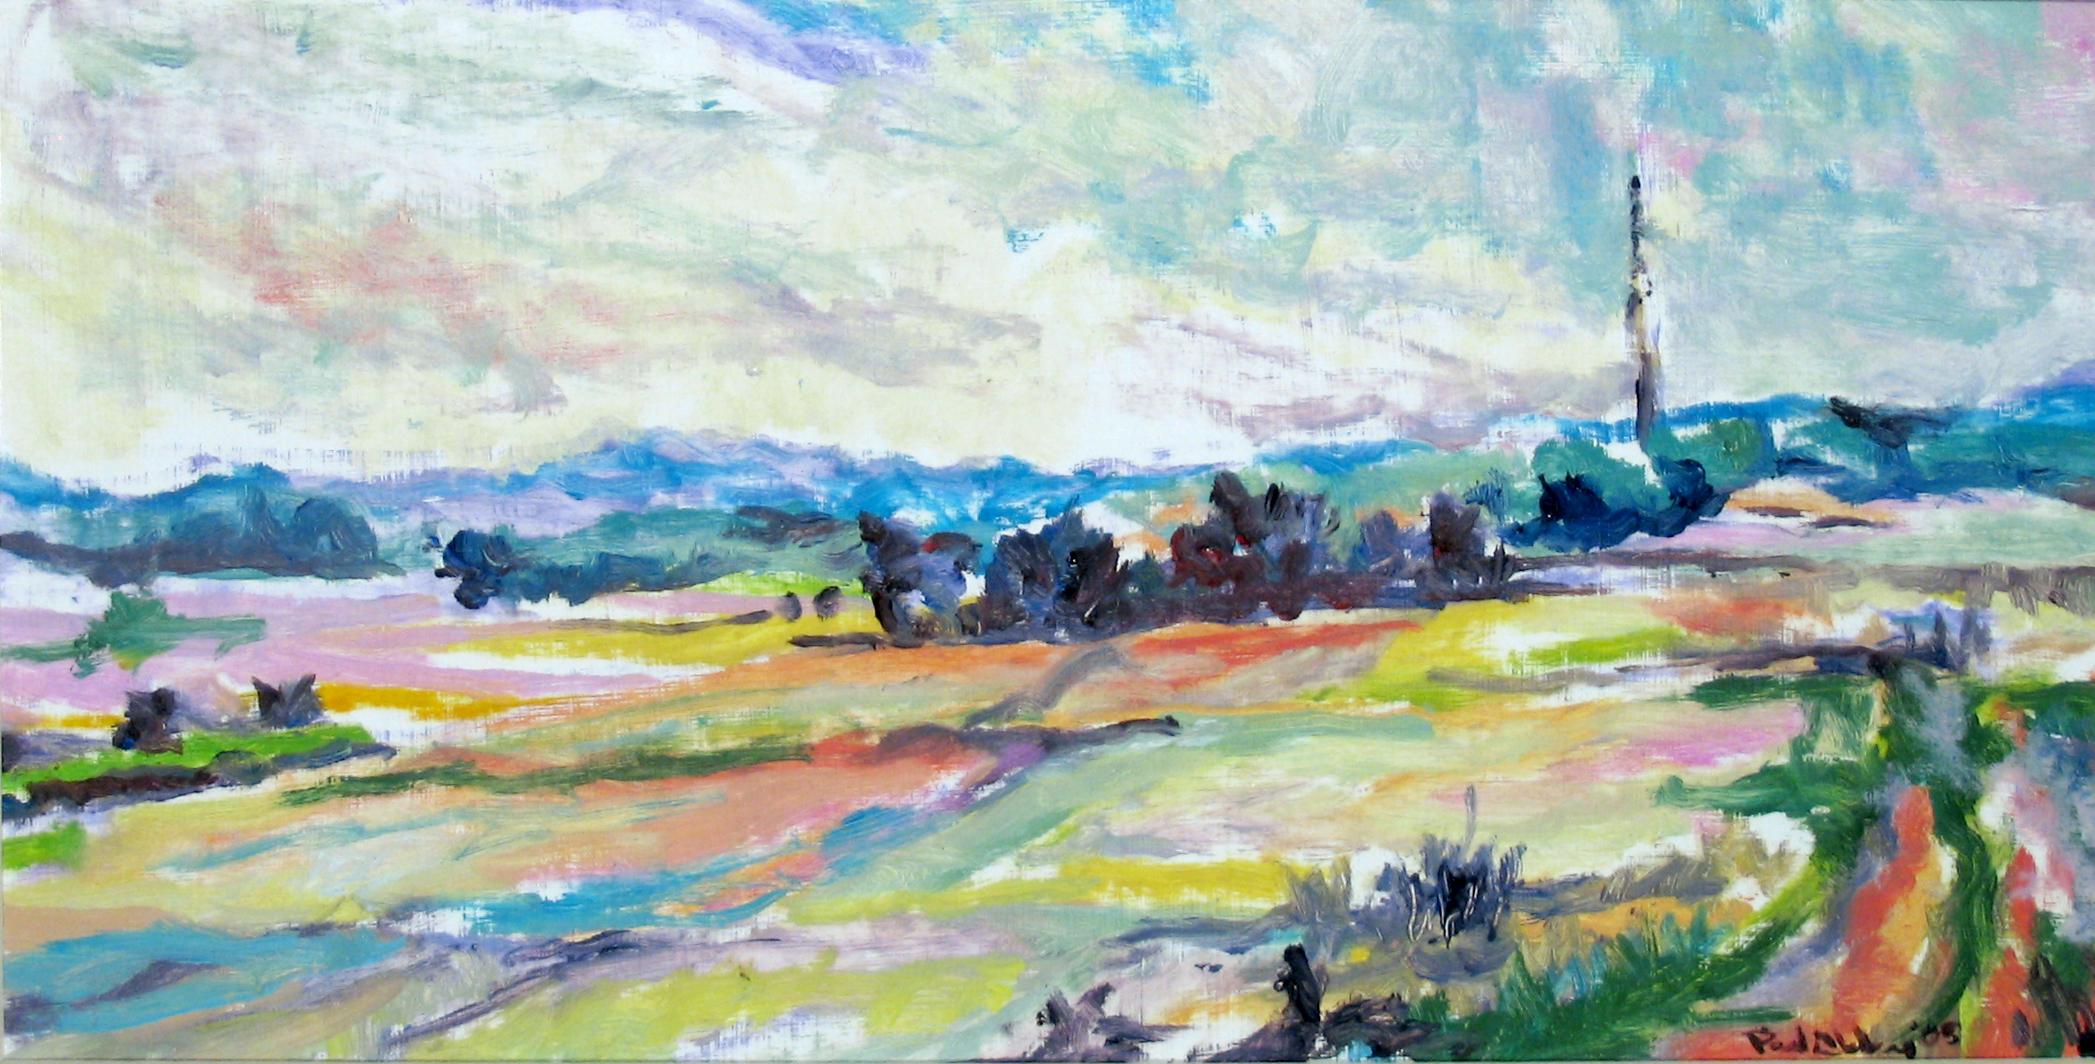 Plateau Fields